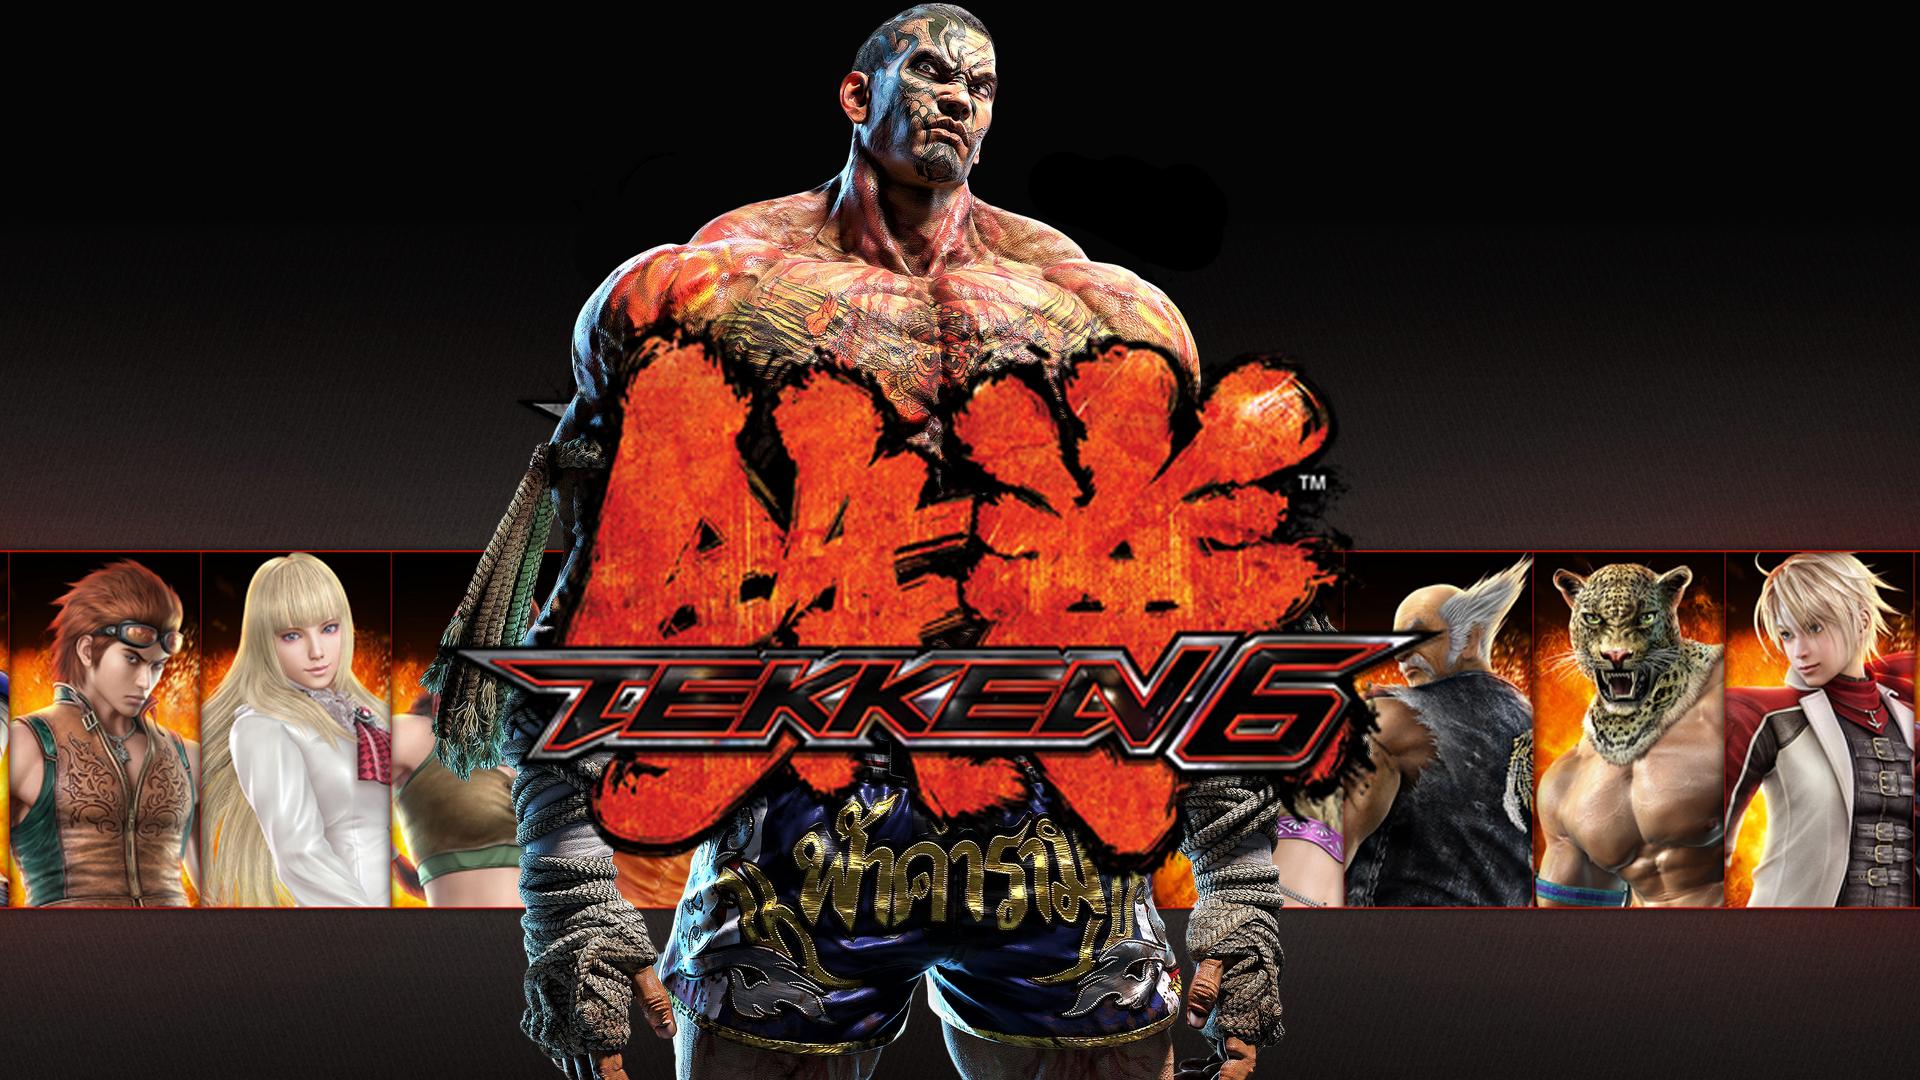 Tekken 6 Announcer For Tekken 7 Fahkumram Update By Rekothewolf